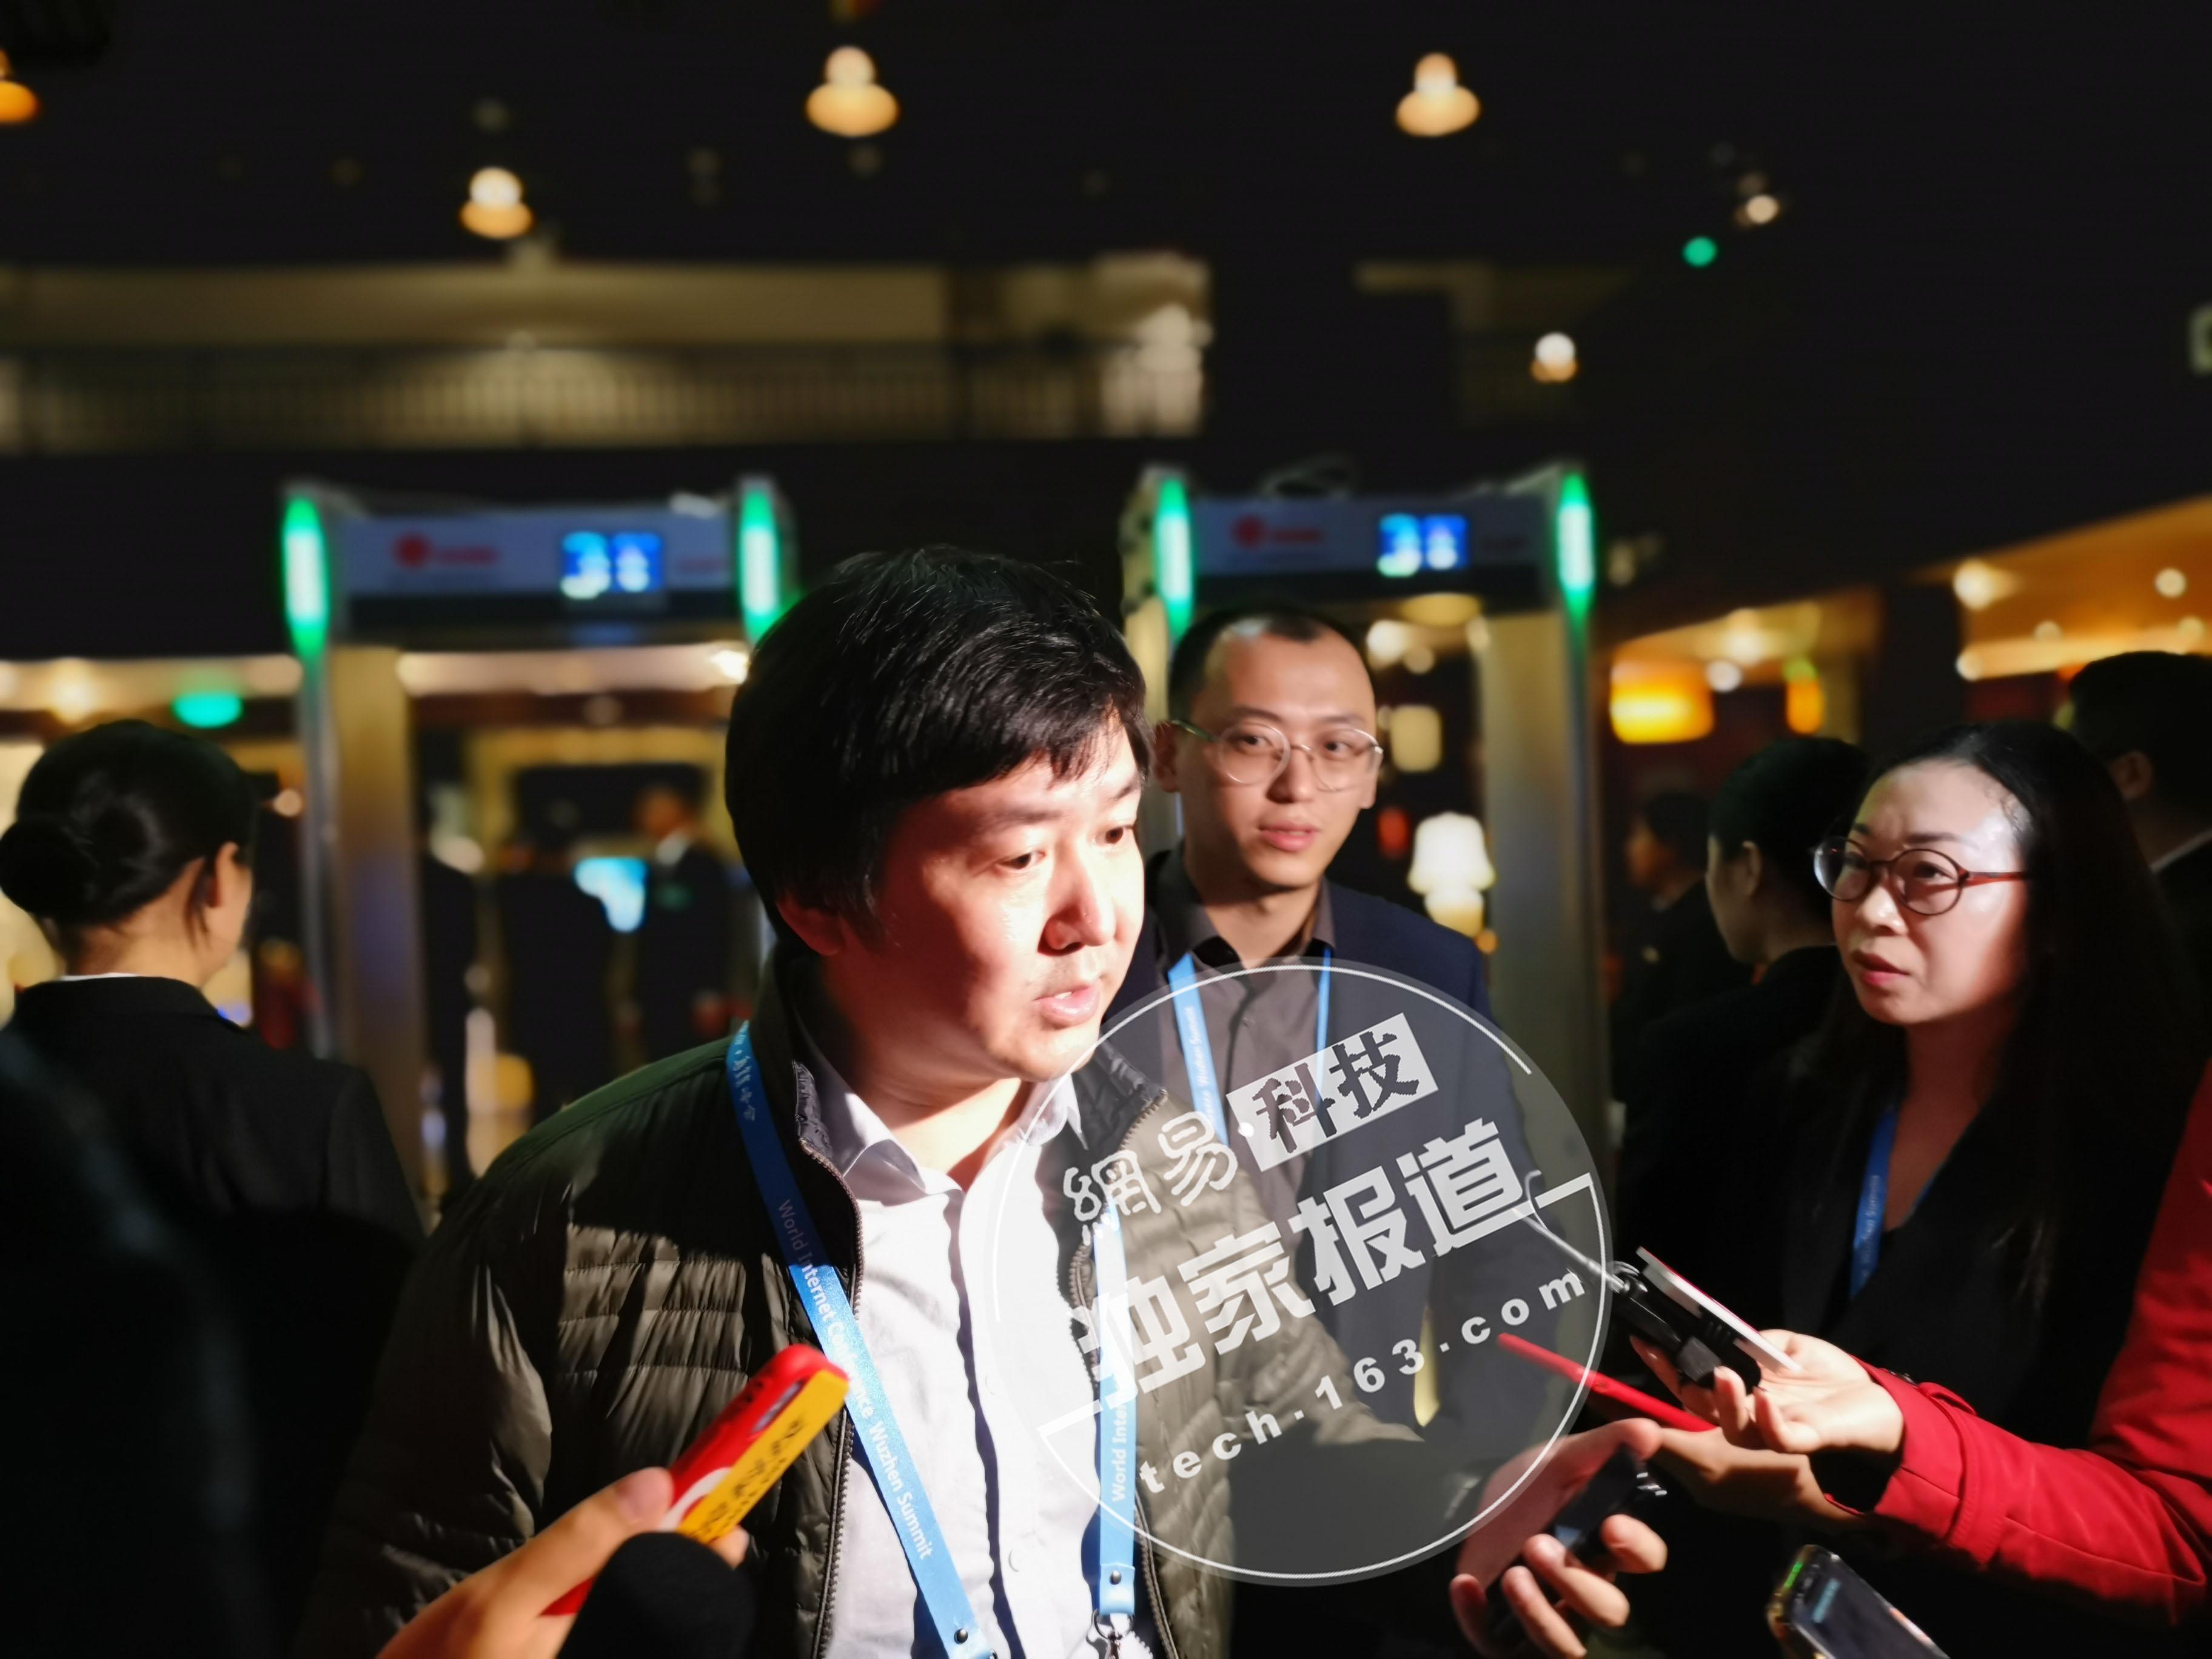 王小川:搜狗明年将会发布战略级产品